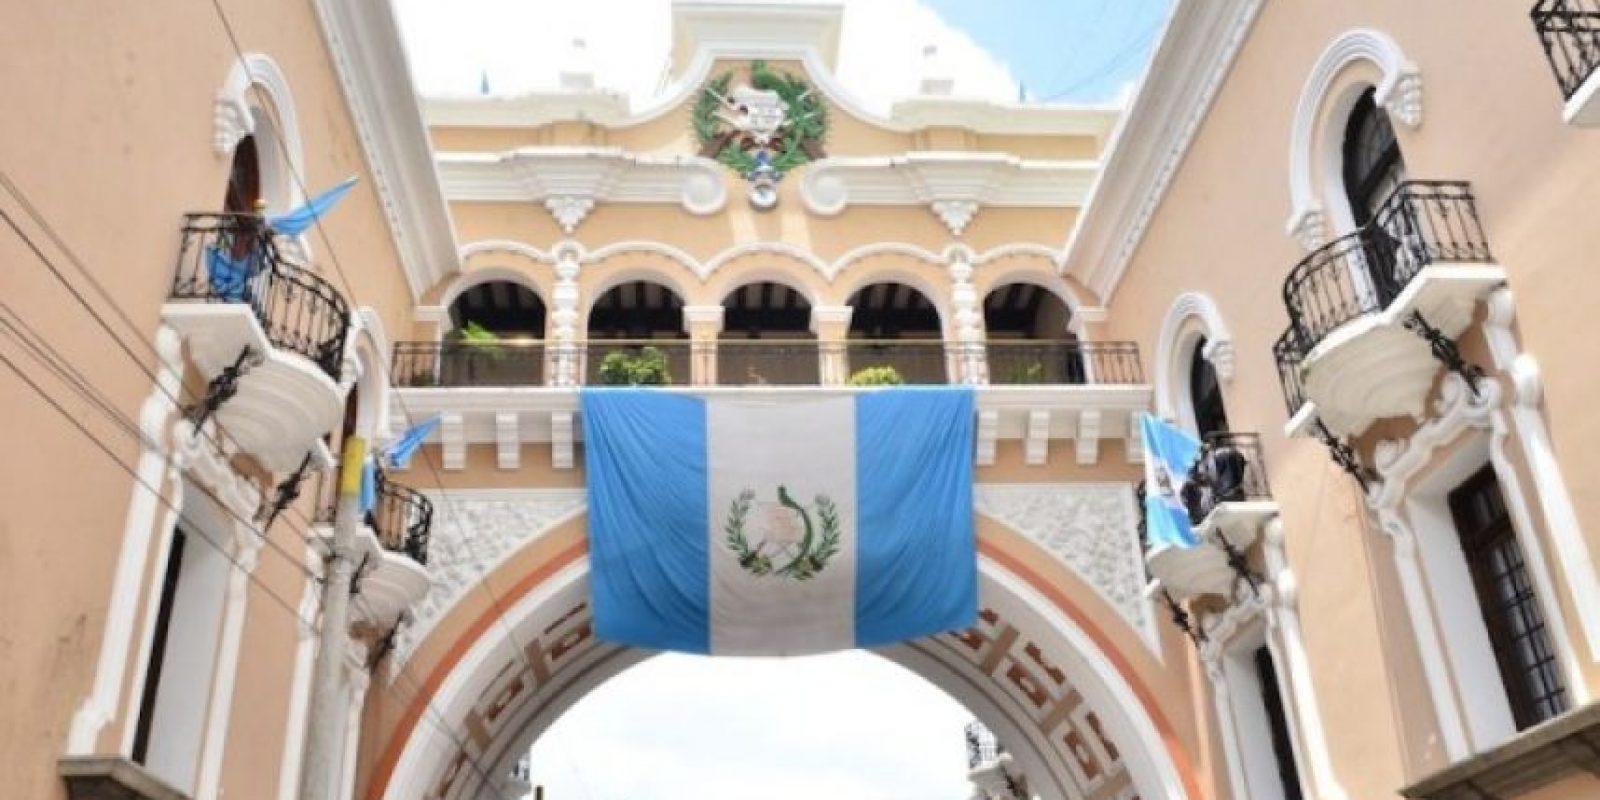 El edificio antiguo de Correos y Telégrafos engalana su popular arco cada septiembre con una bandera de Guatemala.